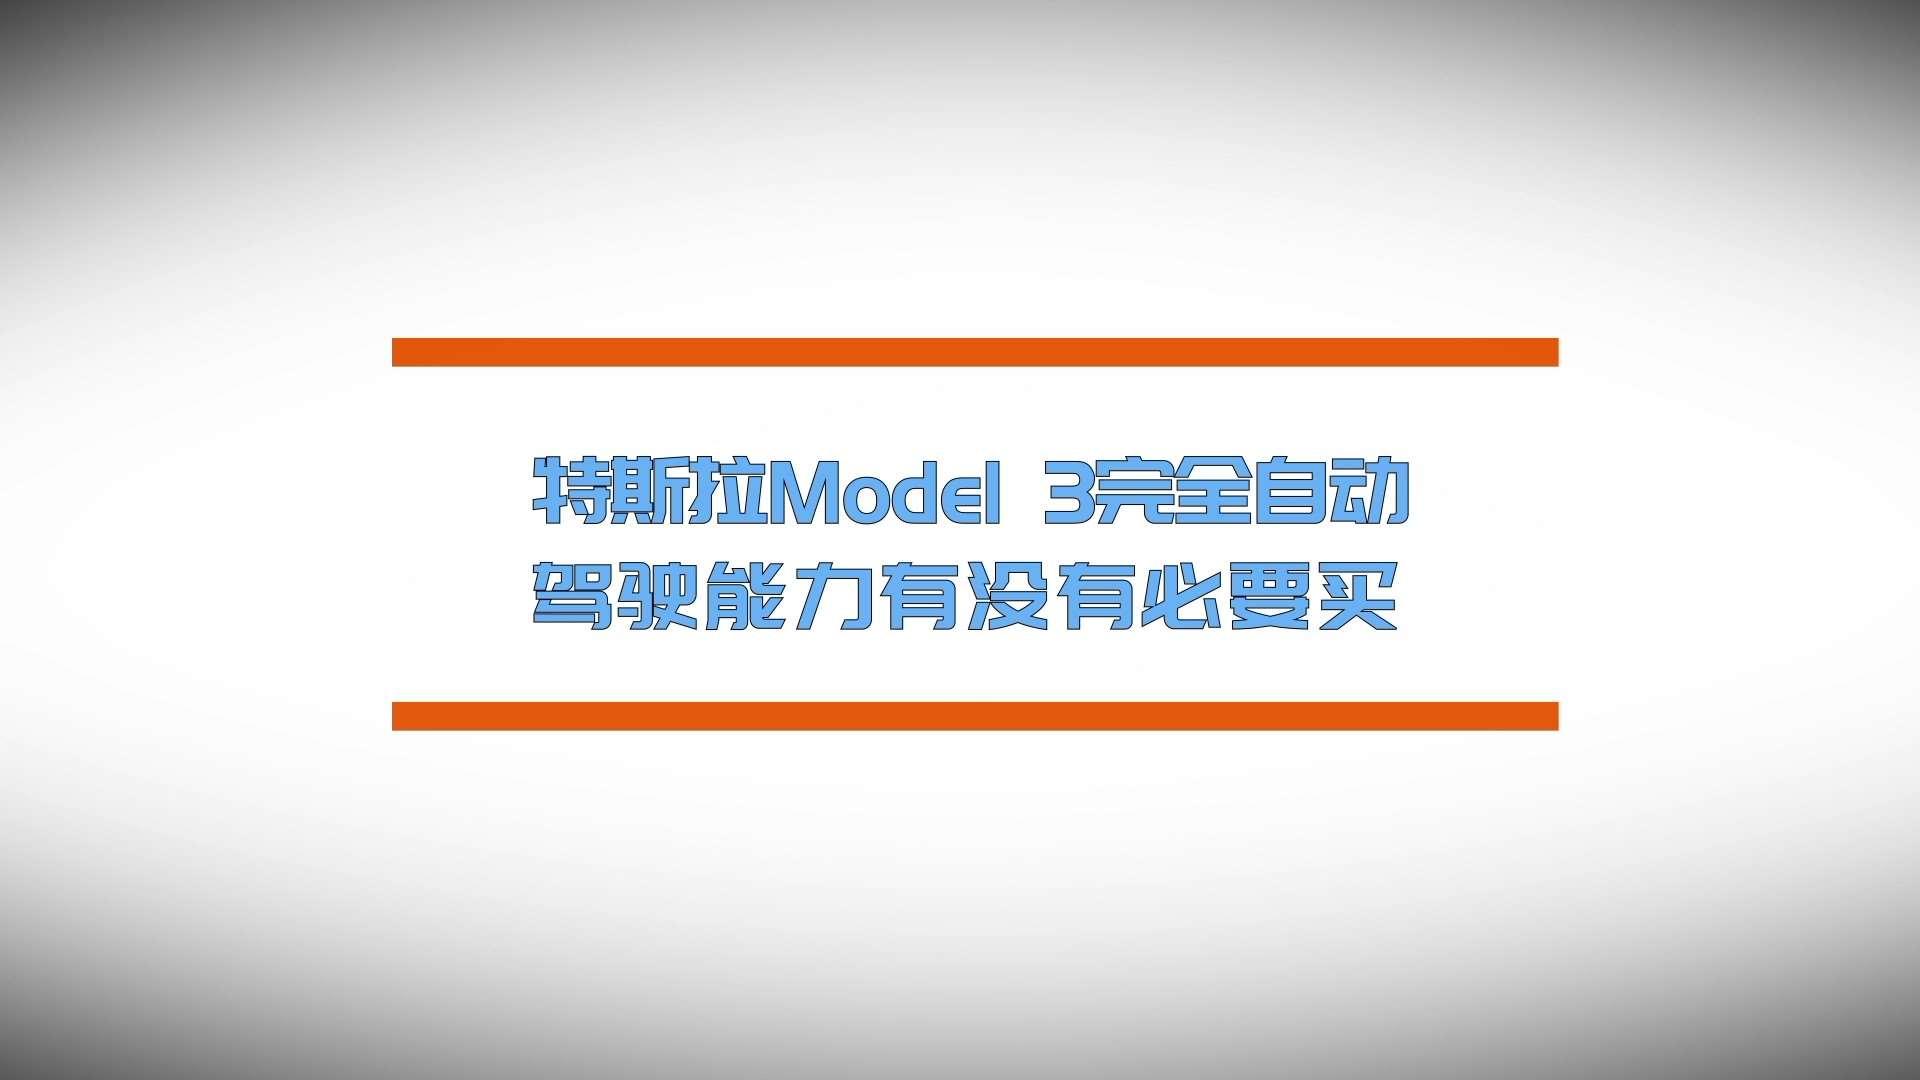 特斯拉Model 3完全自动驾驶能力有没有必要选?